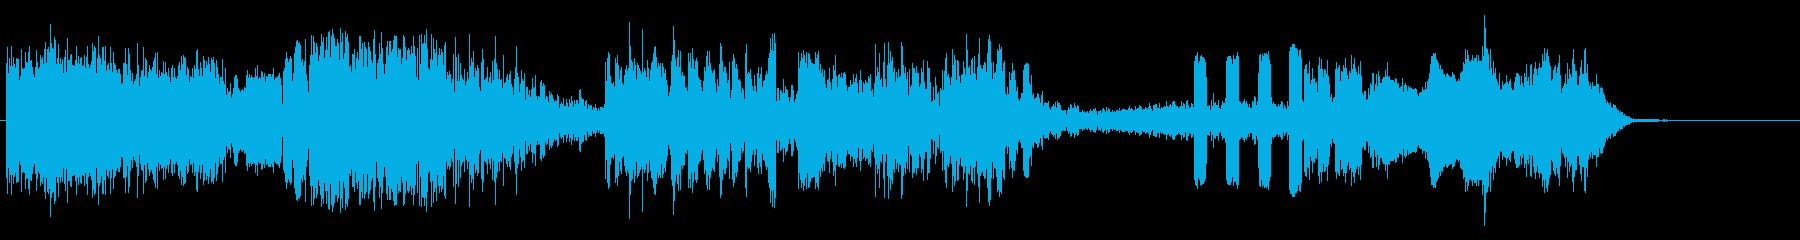 テレメトリーショットの再生済みの波形